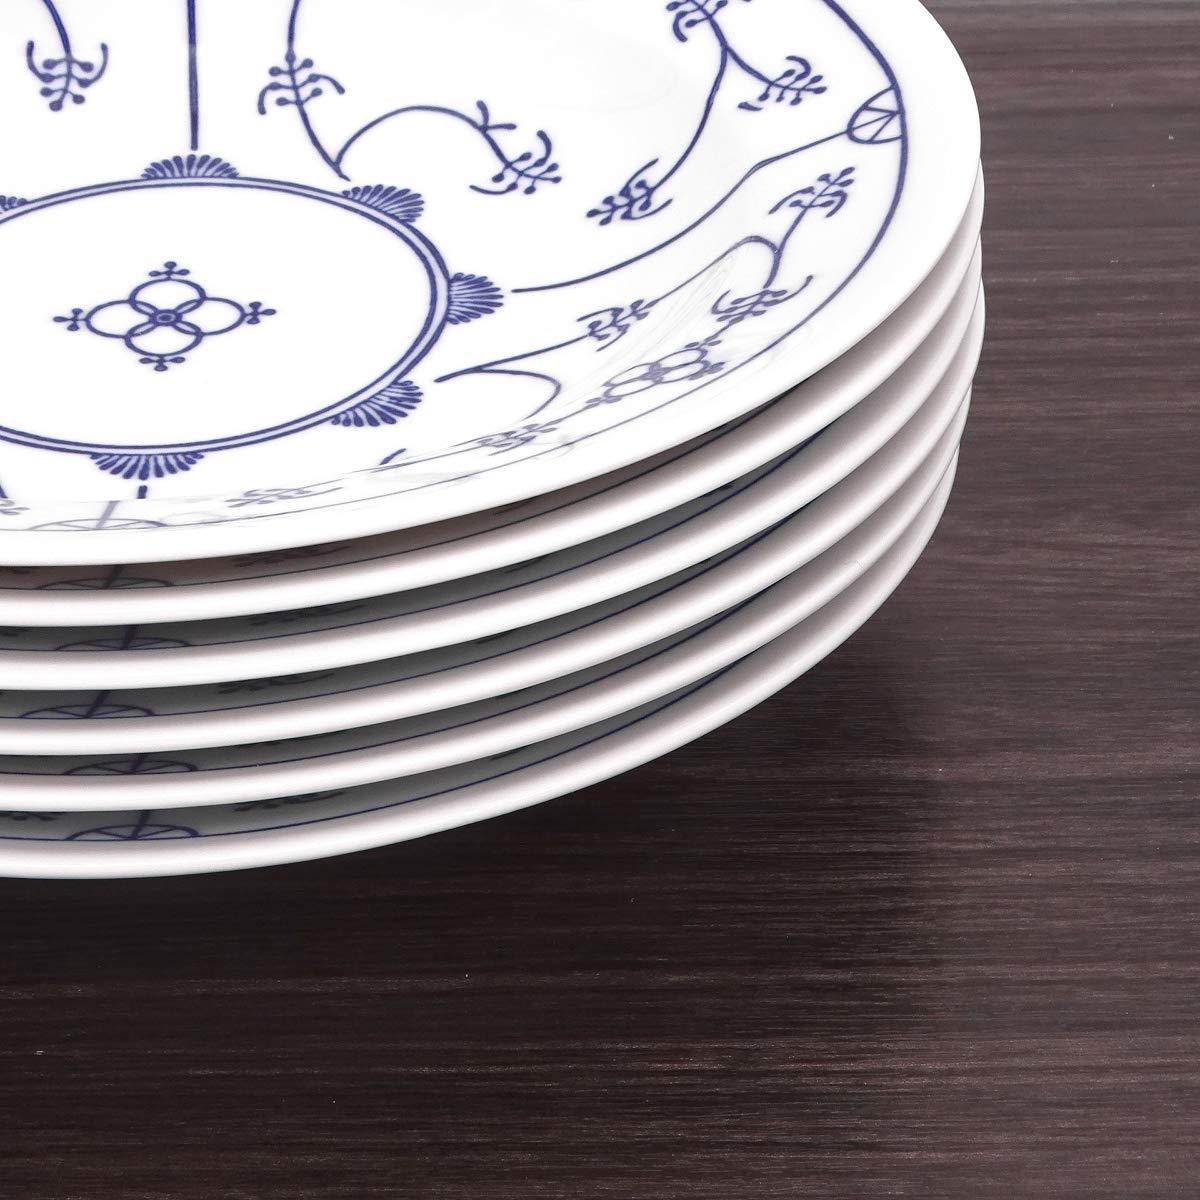 Kahla Saks 16 g112 a75019h blauweiß Platos hondos Juego de Porcelana 6 Piezas 6 Persona Decoración Floral Profundidad Plato Redondo Platos de Pasta: ...